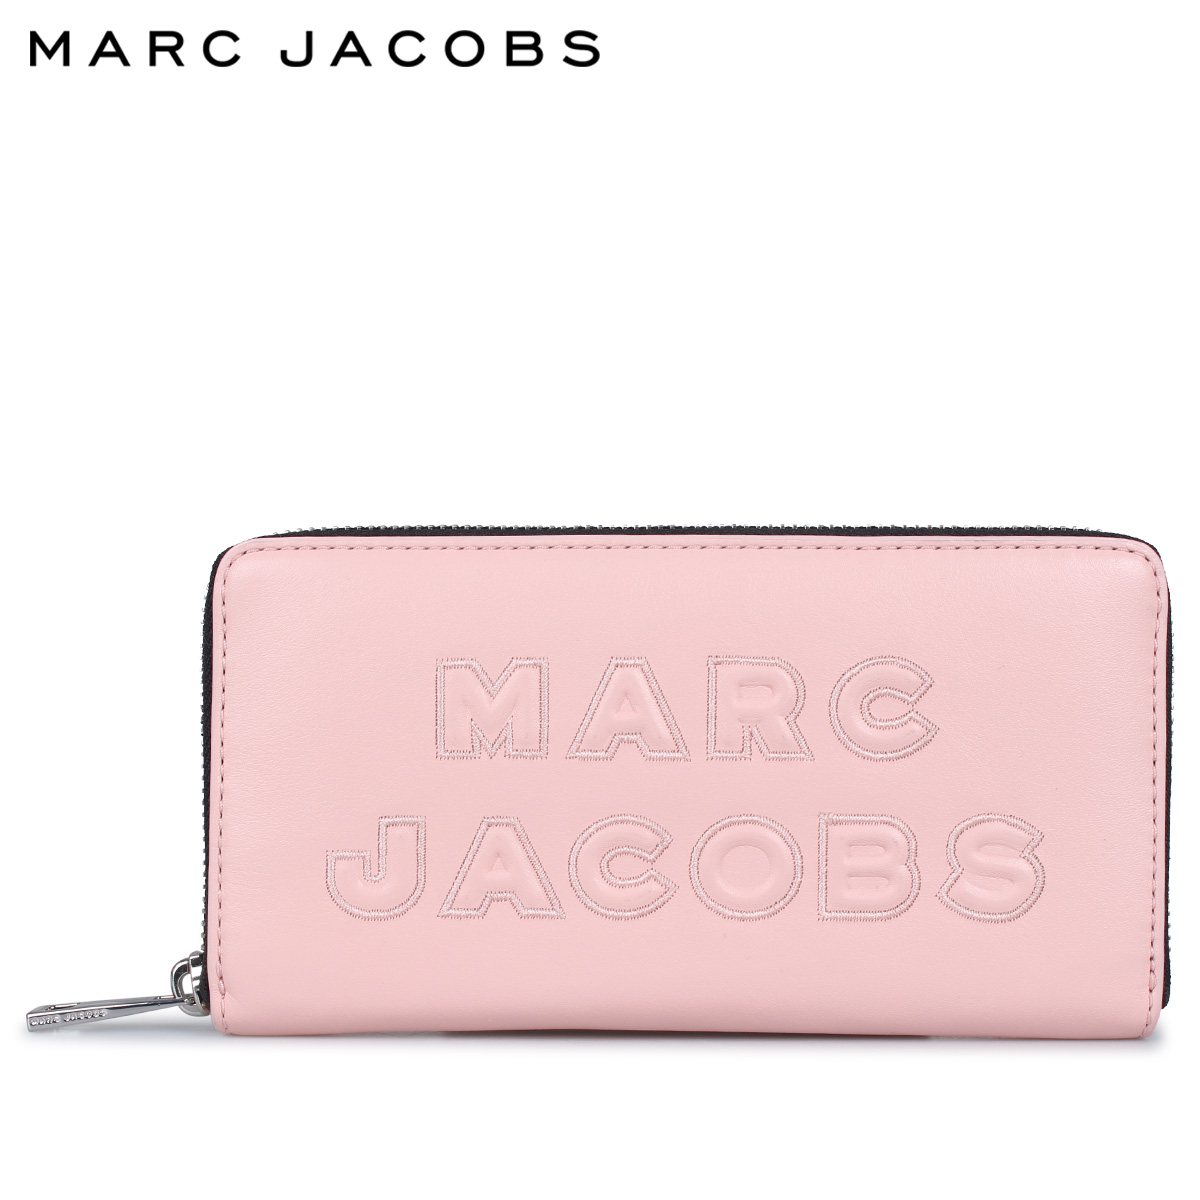 マークジェイコブス MARC JACOBS 財布 長財布 レディース ラウンドファスナー WALLET ピンク M0015683-839